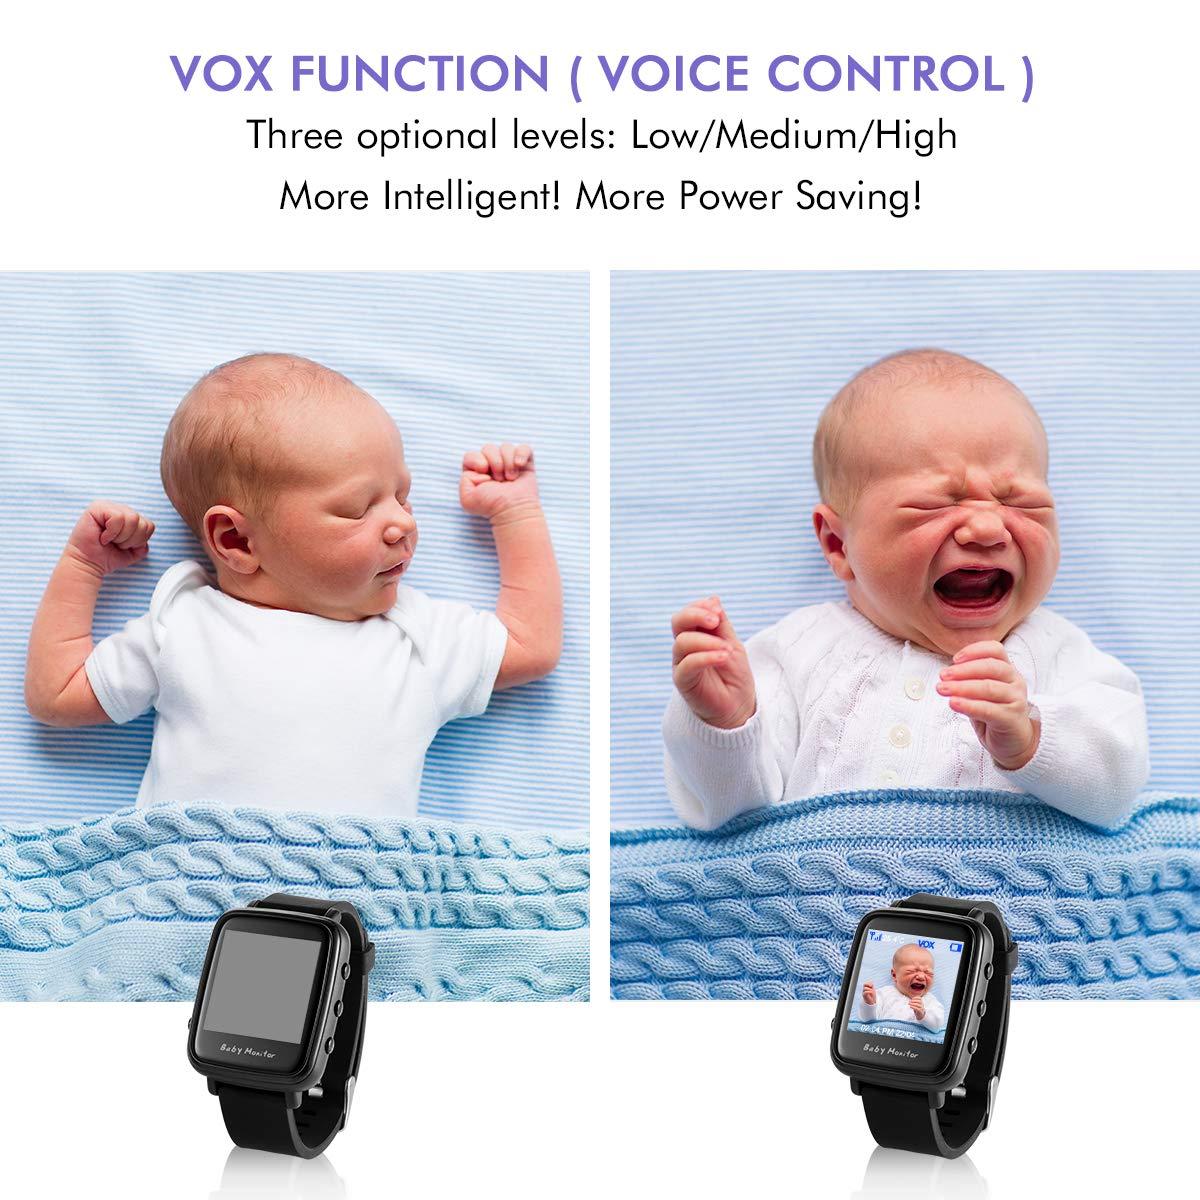 tragbare HD-Kinderkamera mit Lautsprecher Uhrzeit Raumtemperatur Babyphone Wecker Datum Reichweite bis zu 260 m drahtloser 2,4 GHZ digitaler Babyphone mit VOX-Funktion Nachtsicht